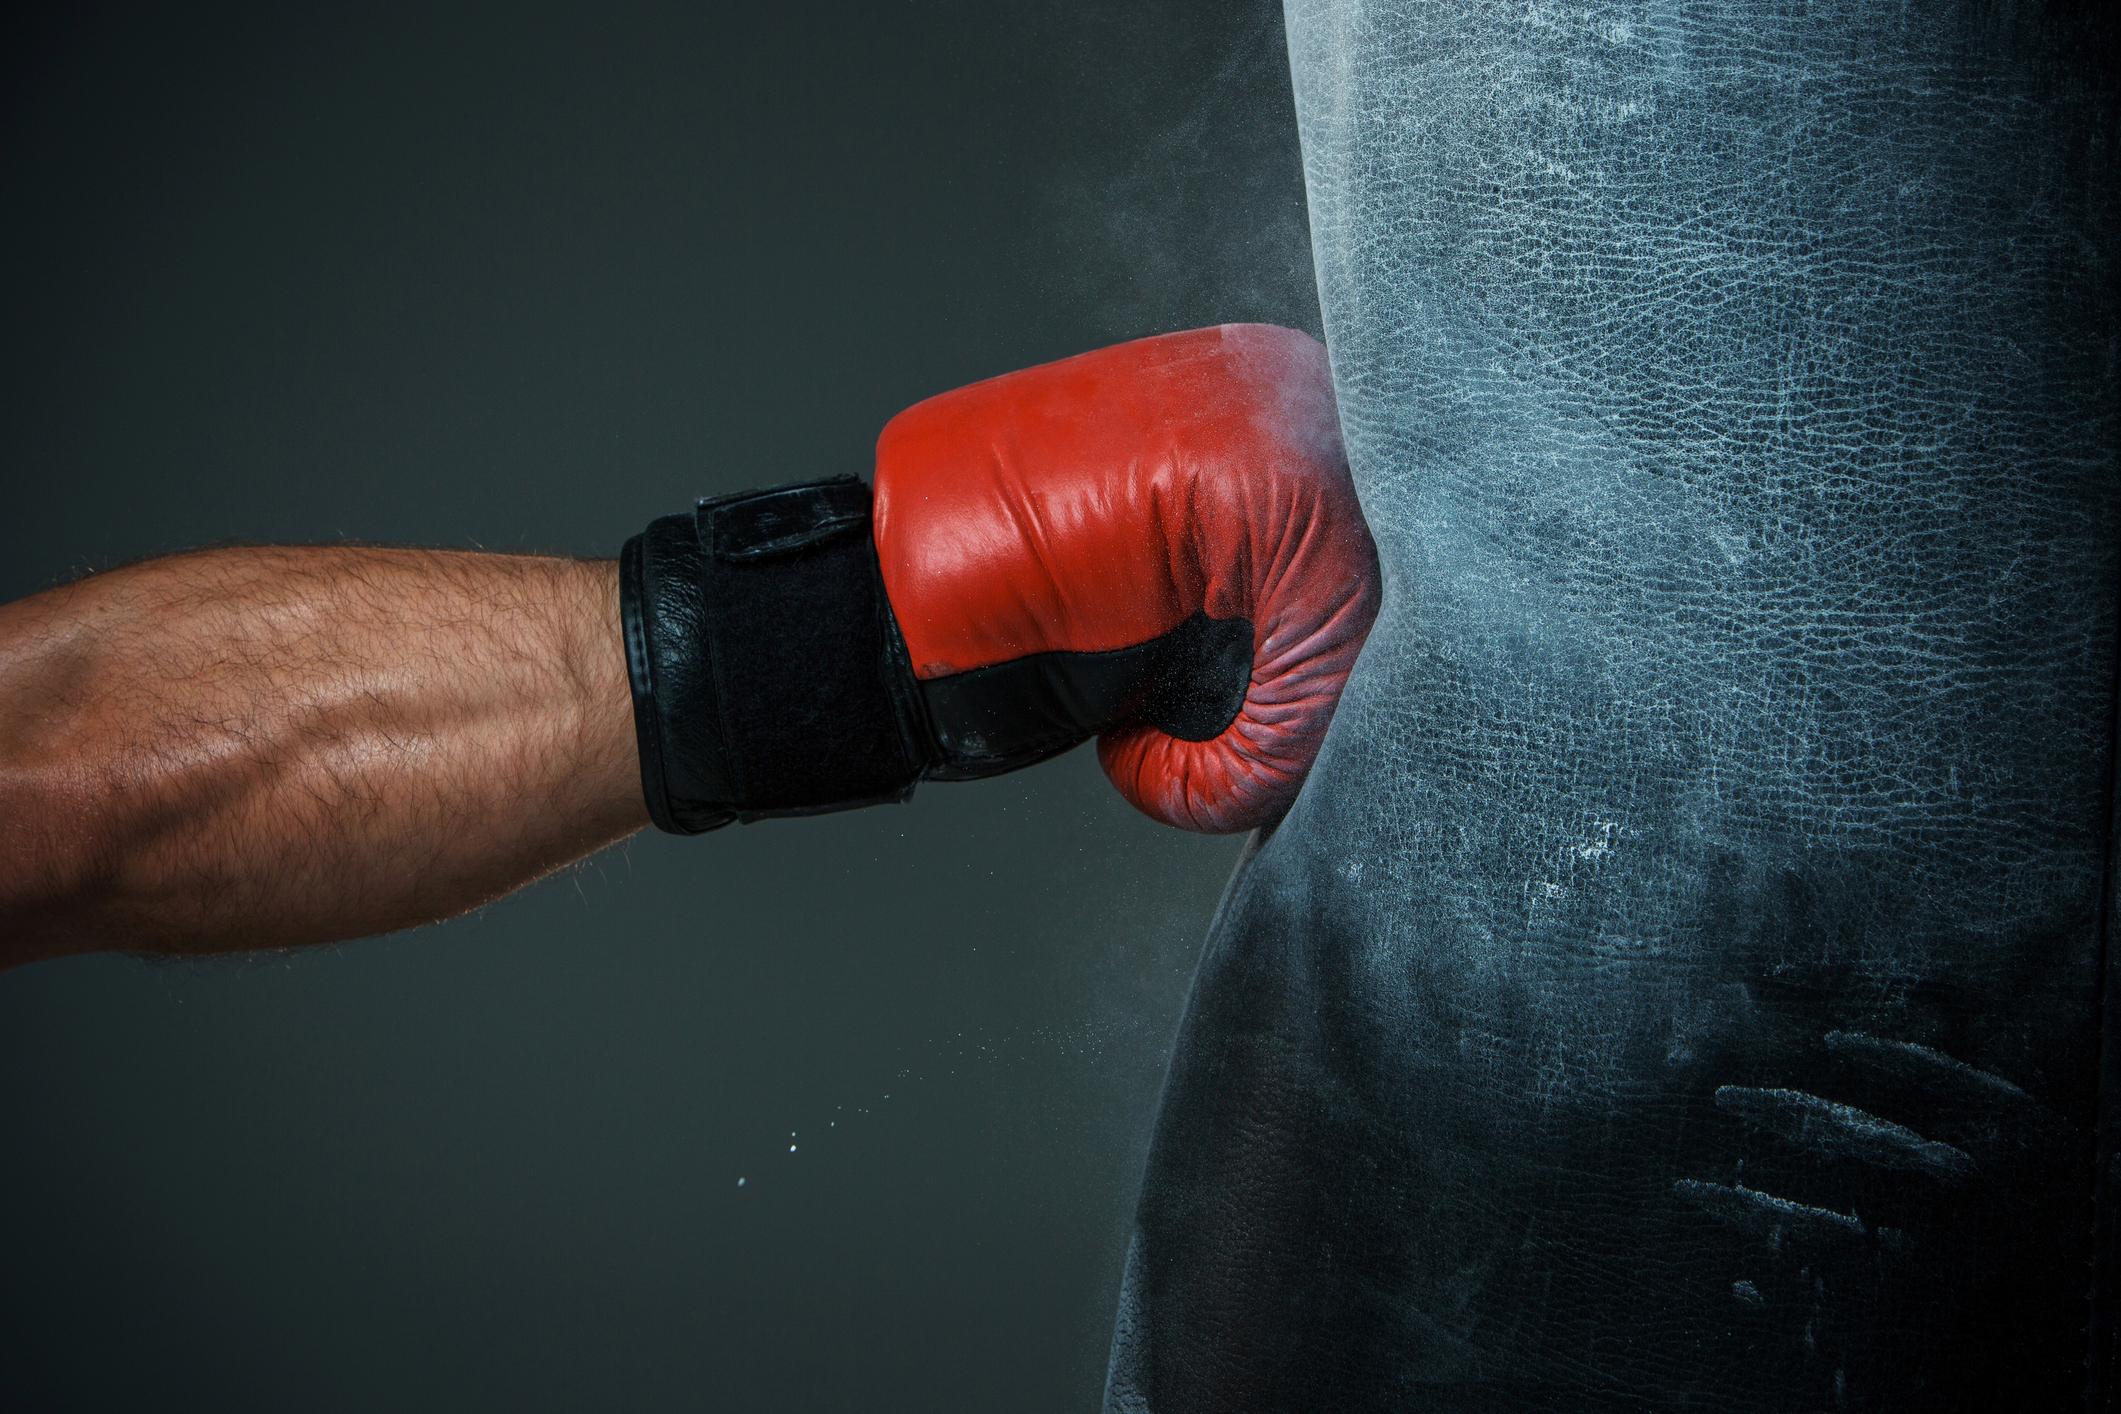 A man punching a bag.